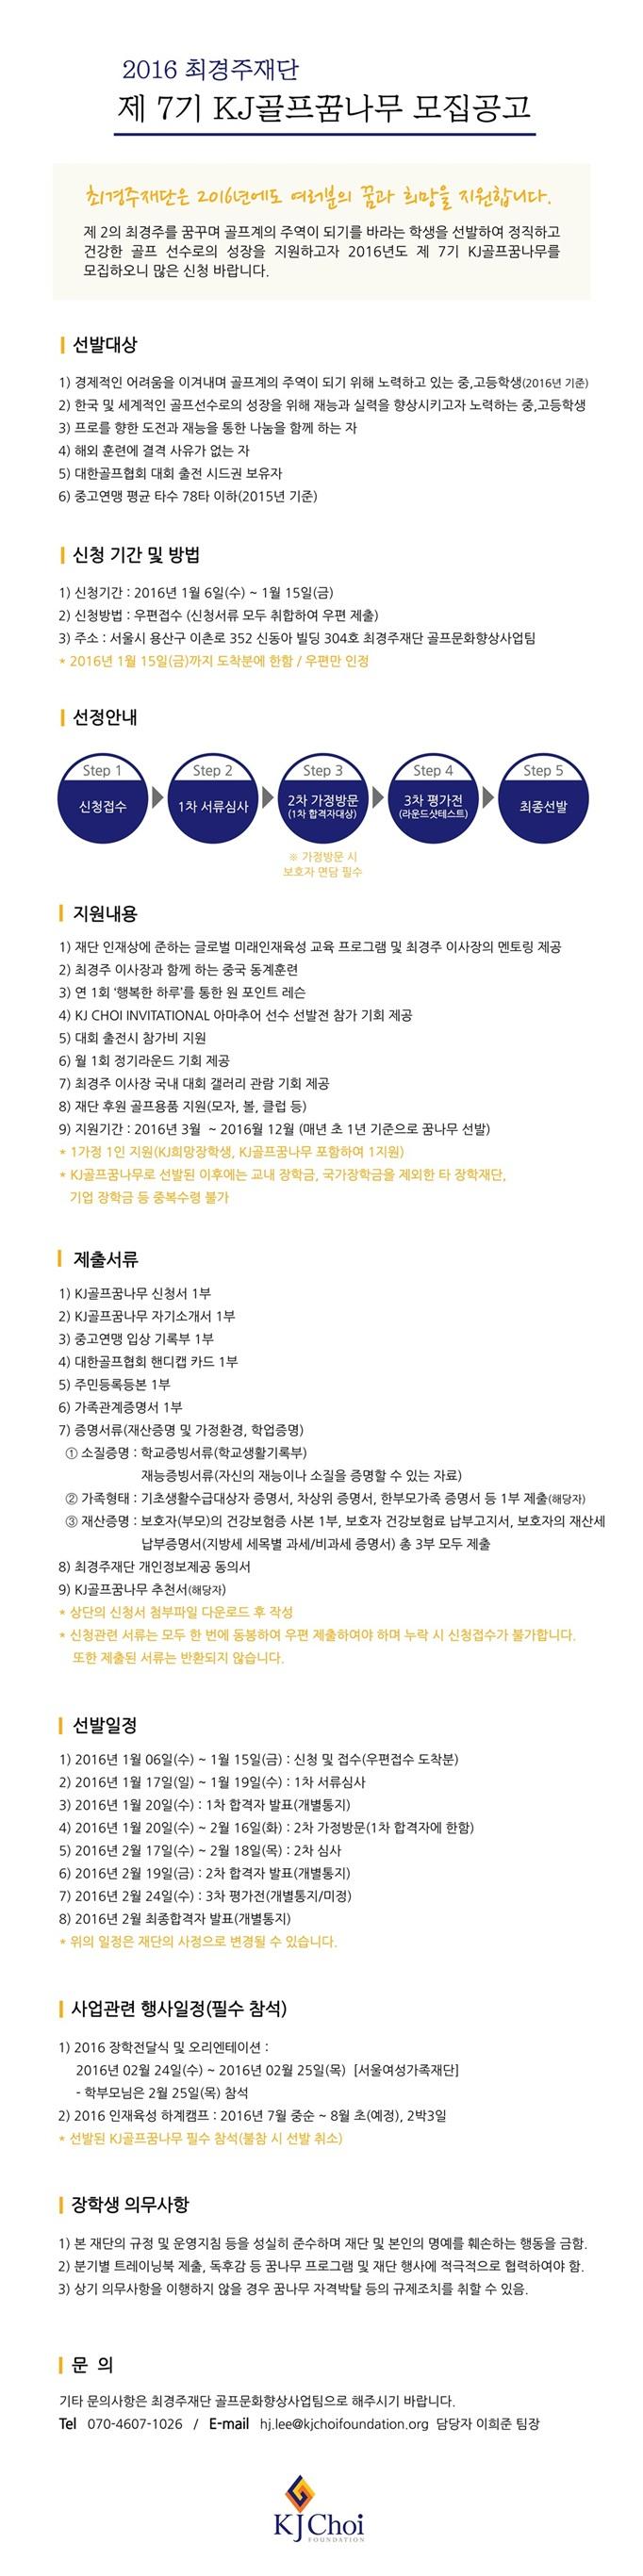 최경주재단 제 7기 KJ골프꿈나무 모집 공고